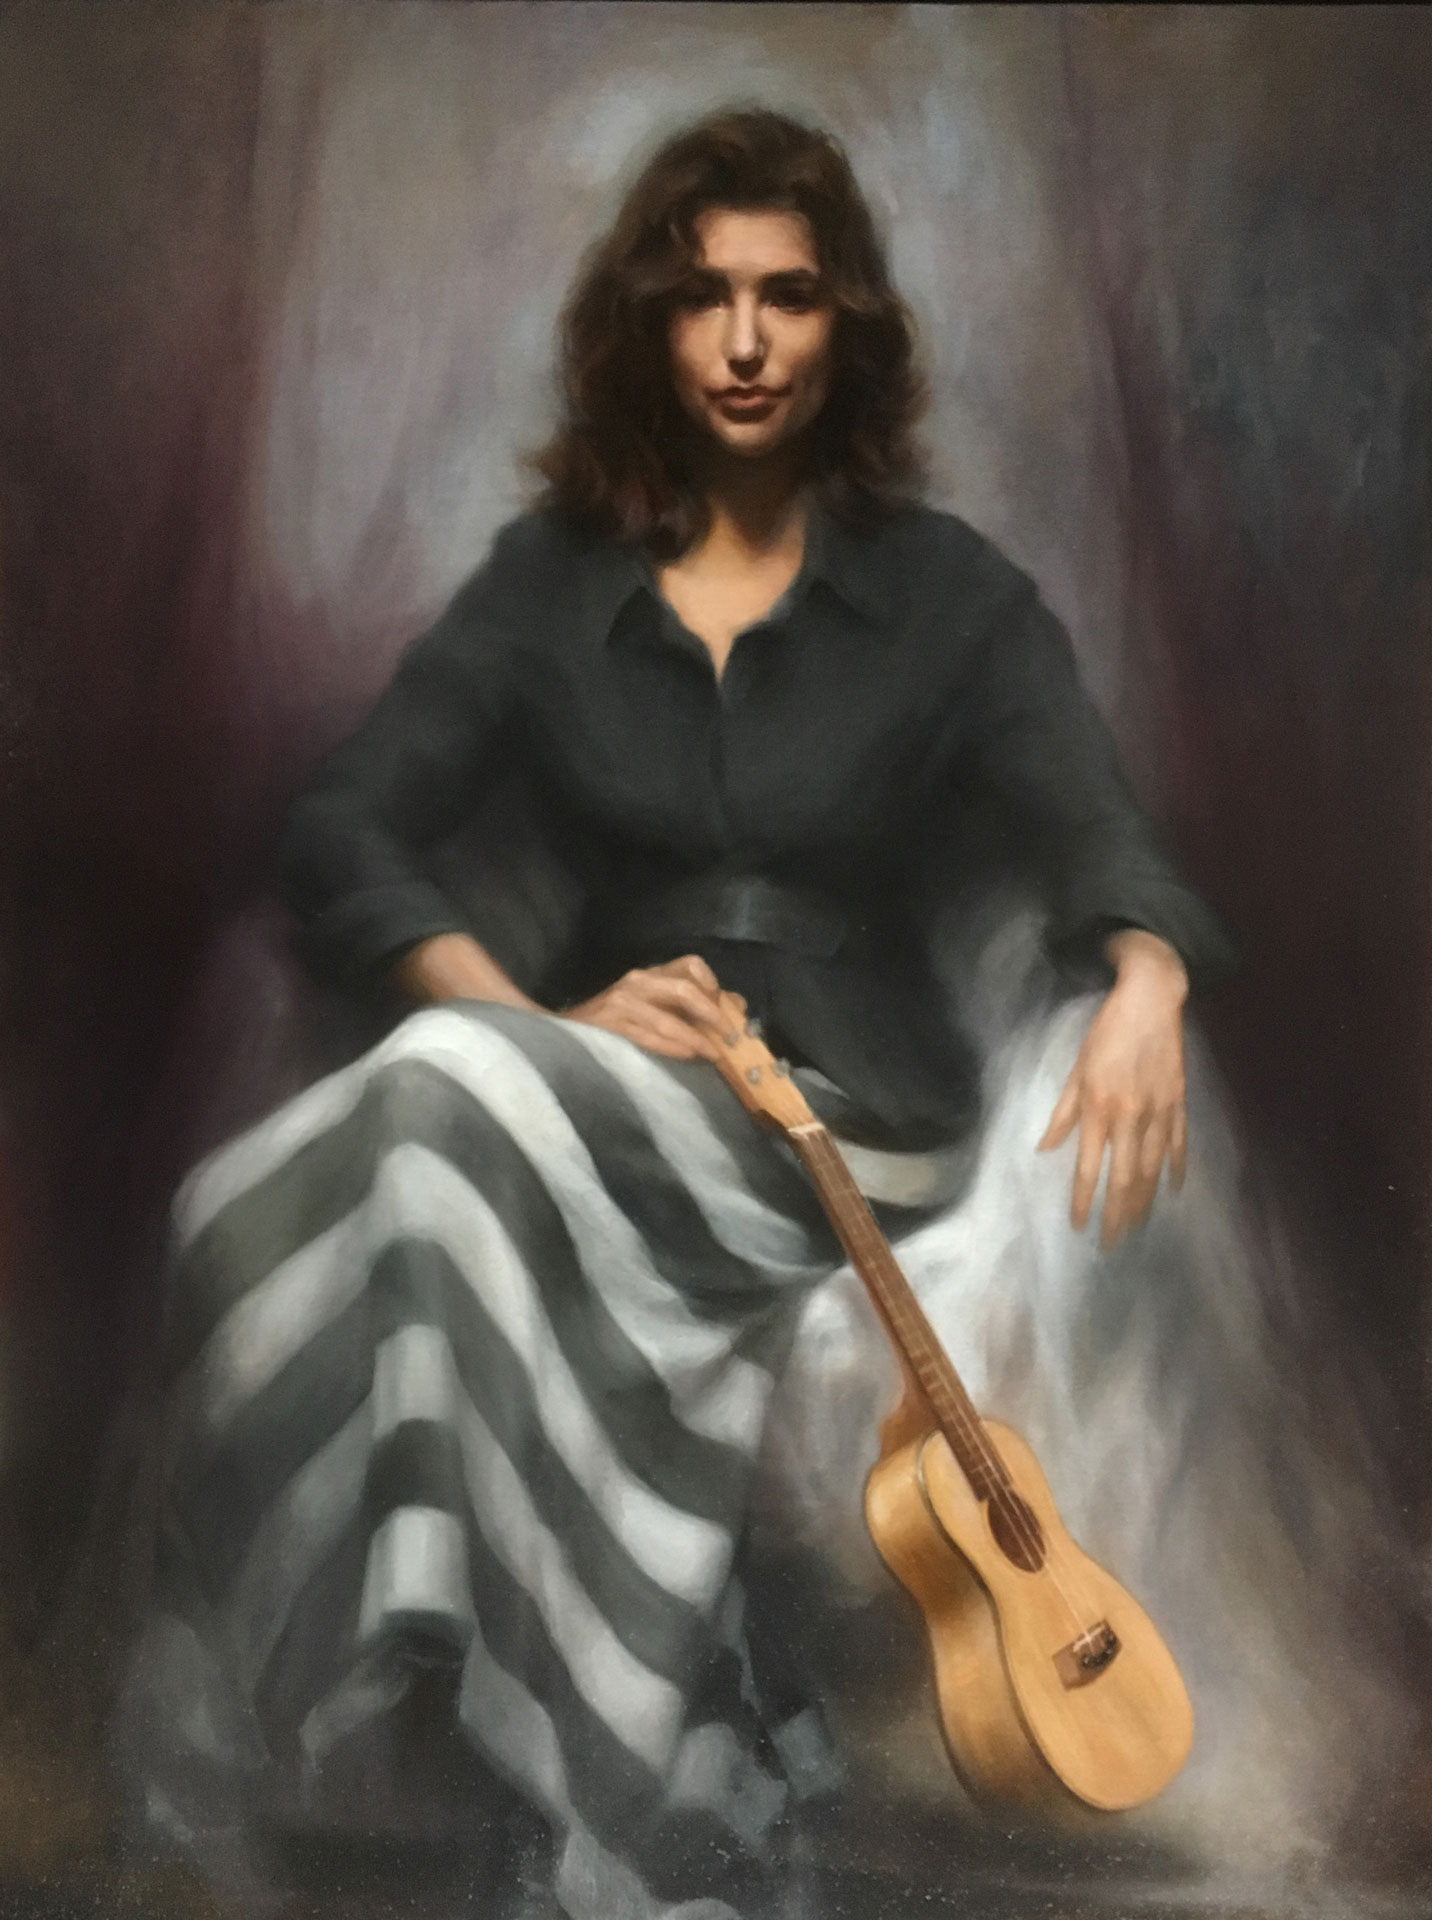 AISB 19P 005 A sleeping song Portrait of Phoebe - Sahra Becherer (Teacher)